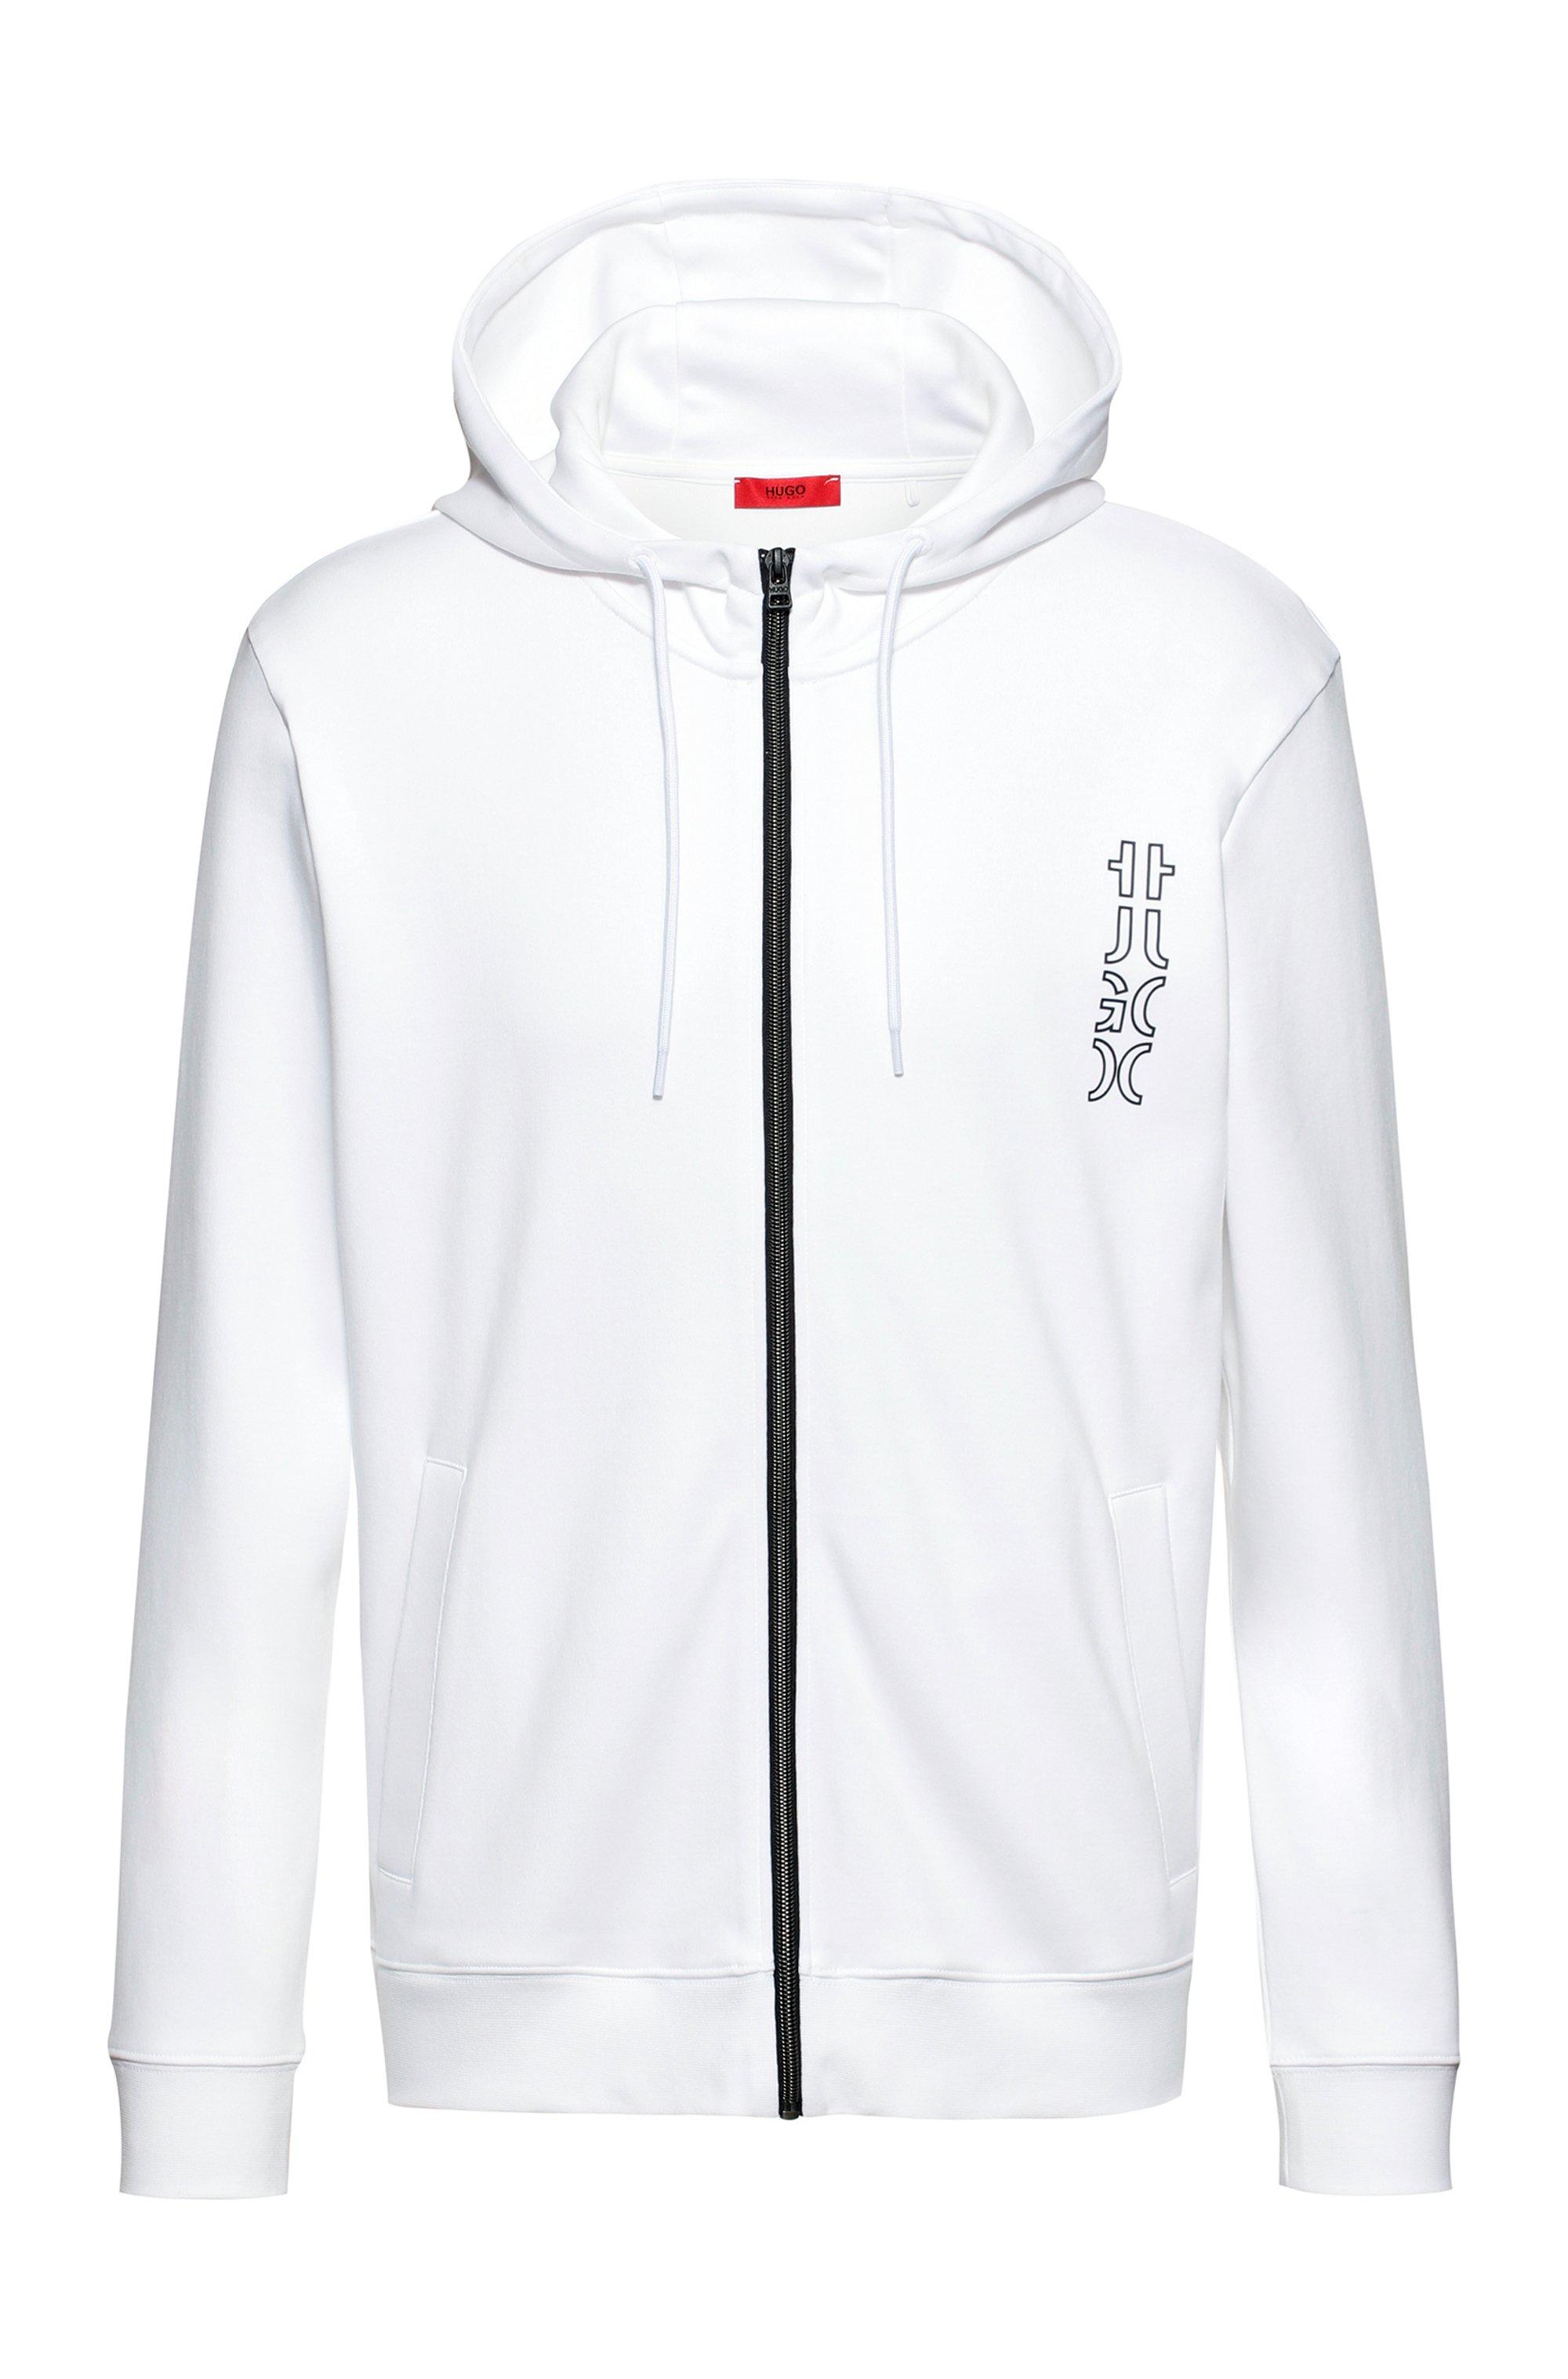 Sweat à capuche en coton biologique avec fermeture éclair et logos revisités, Blanc